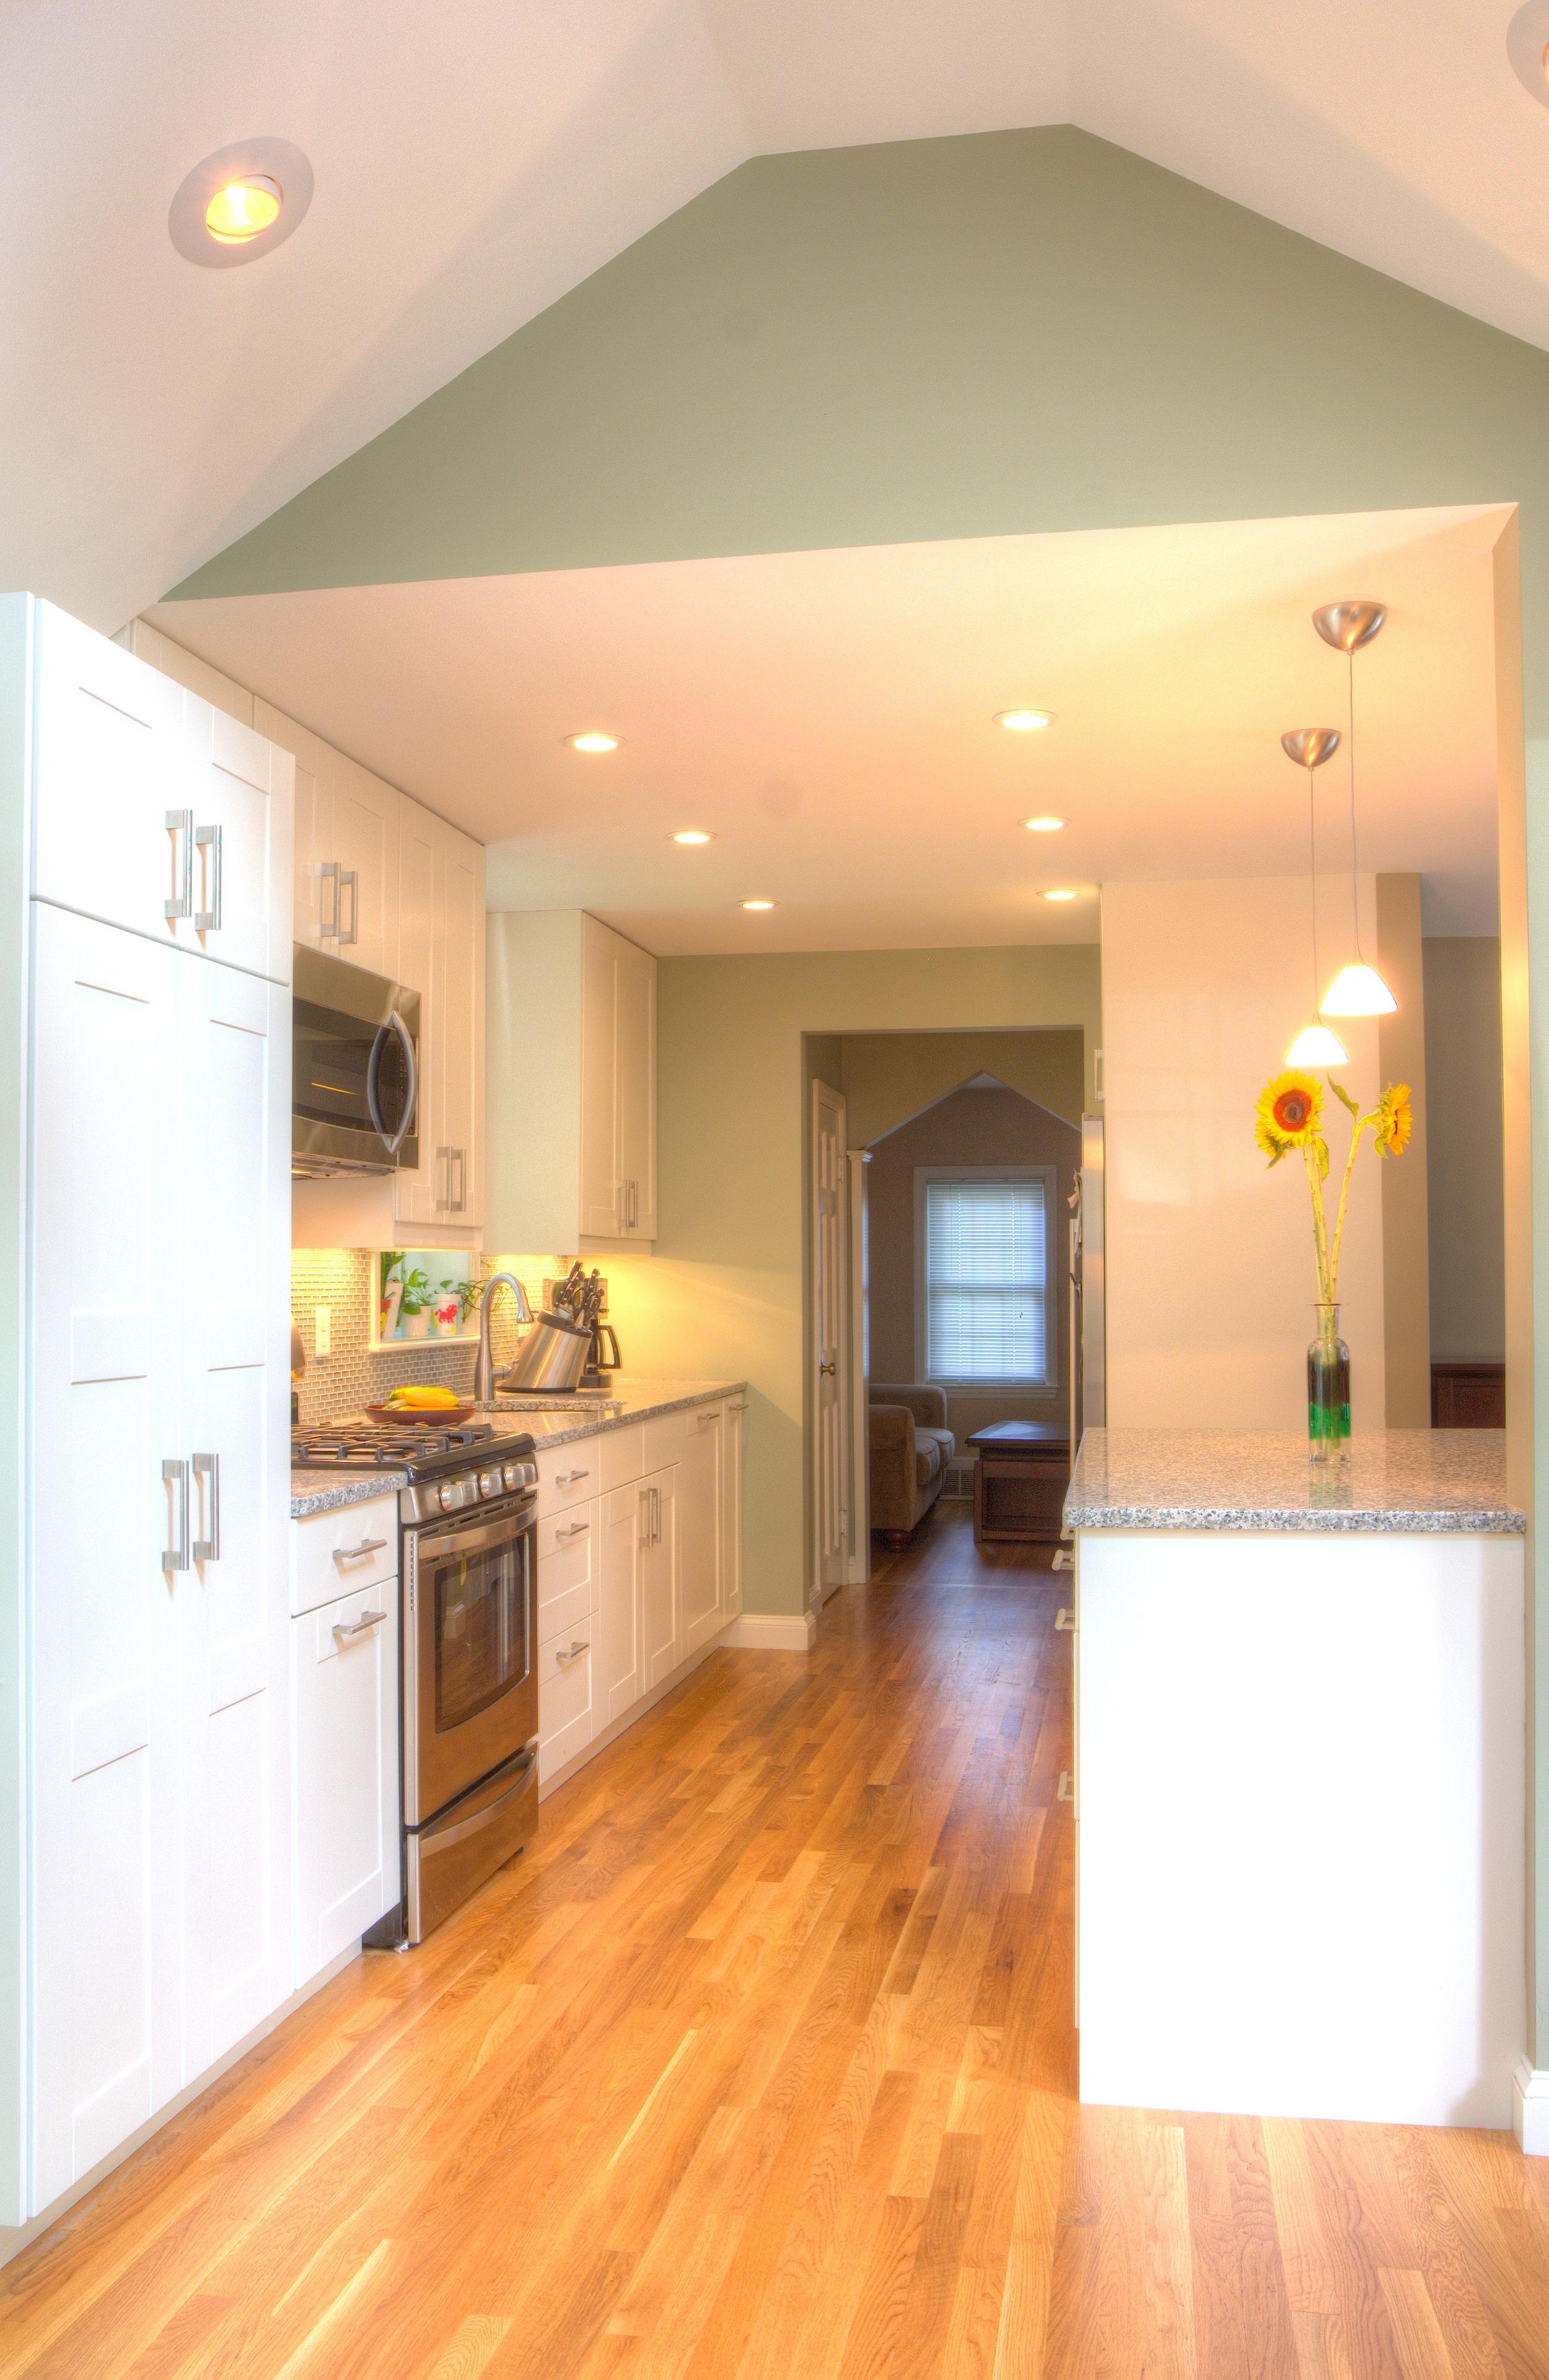 Hudson_kitchen-5.jpg